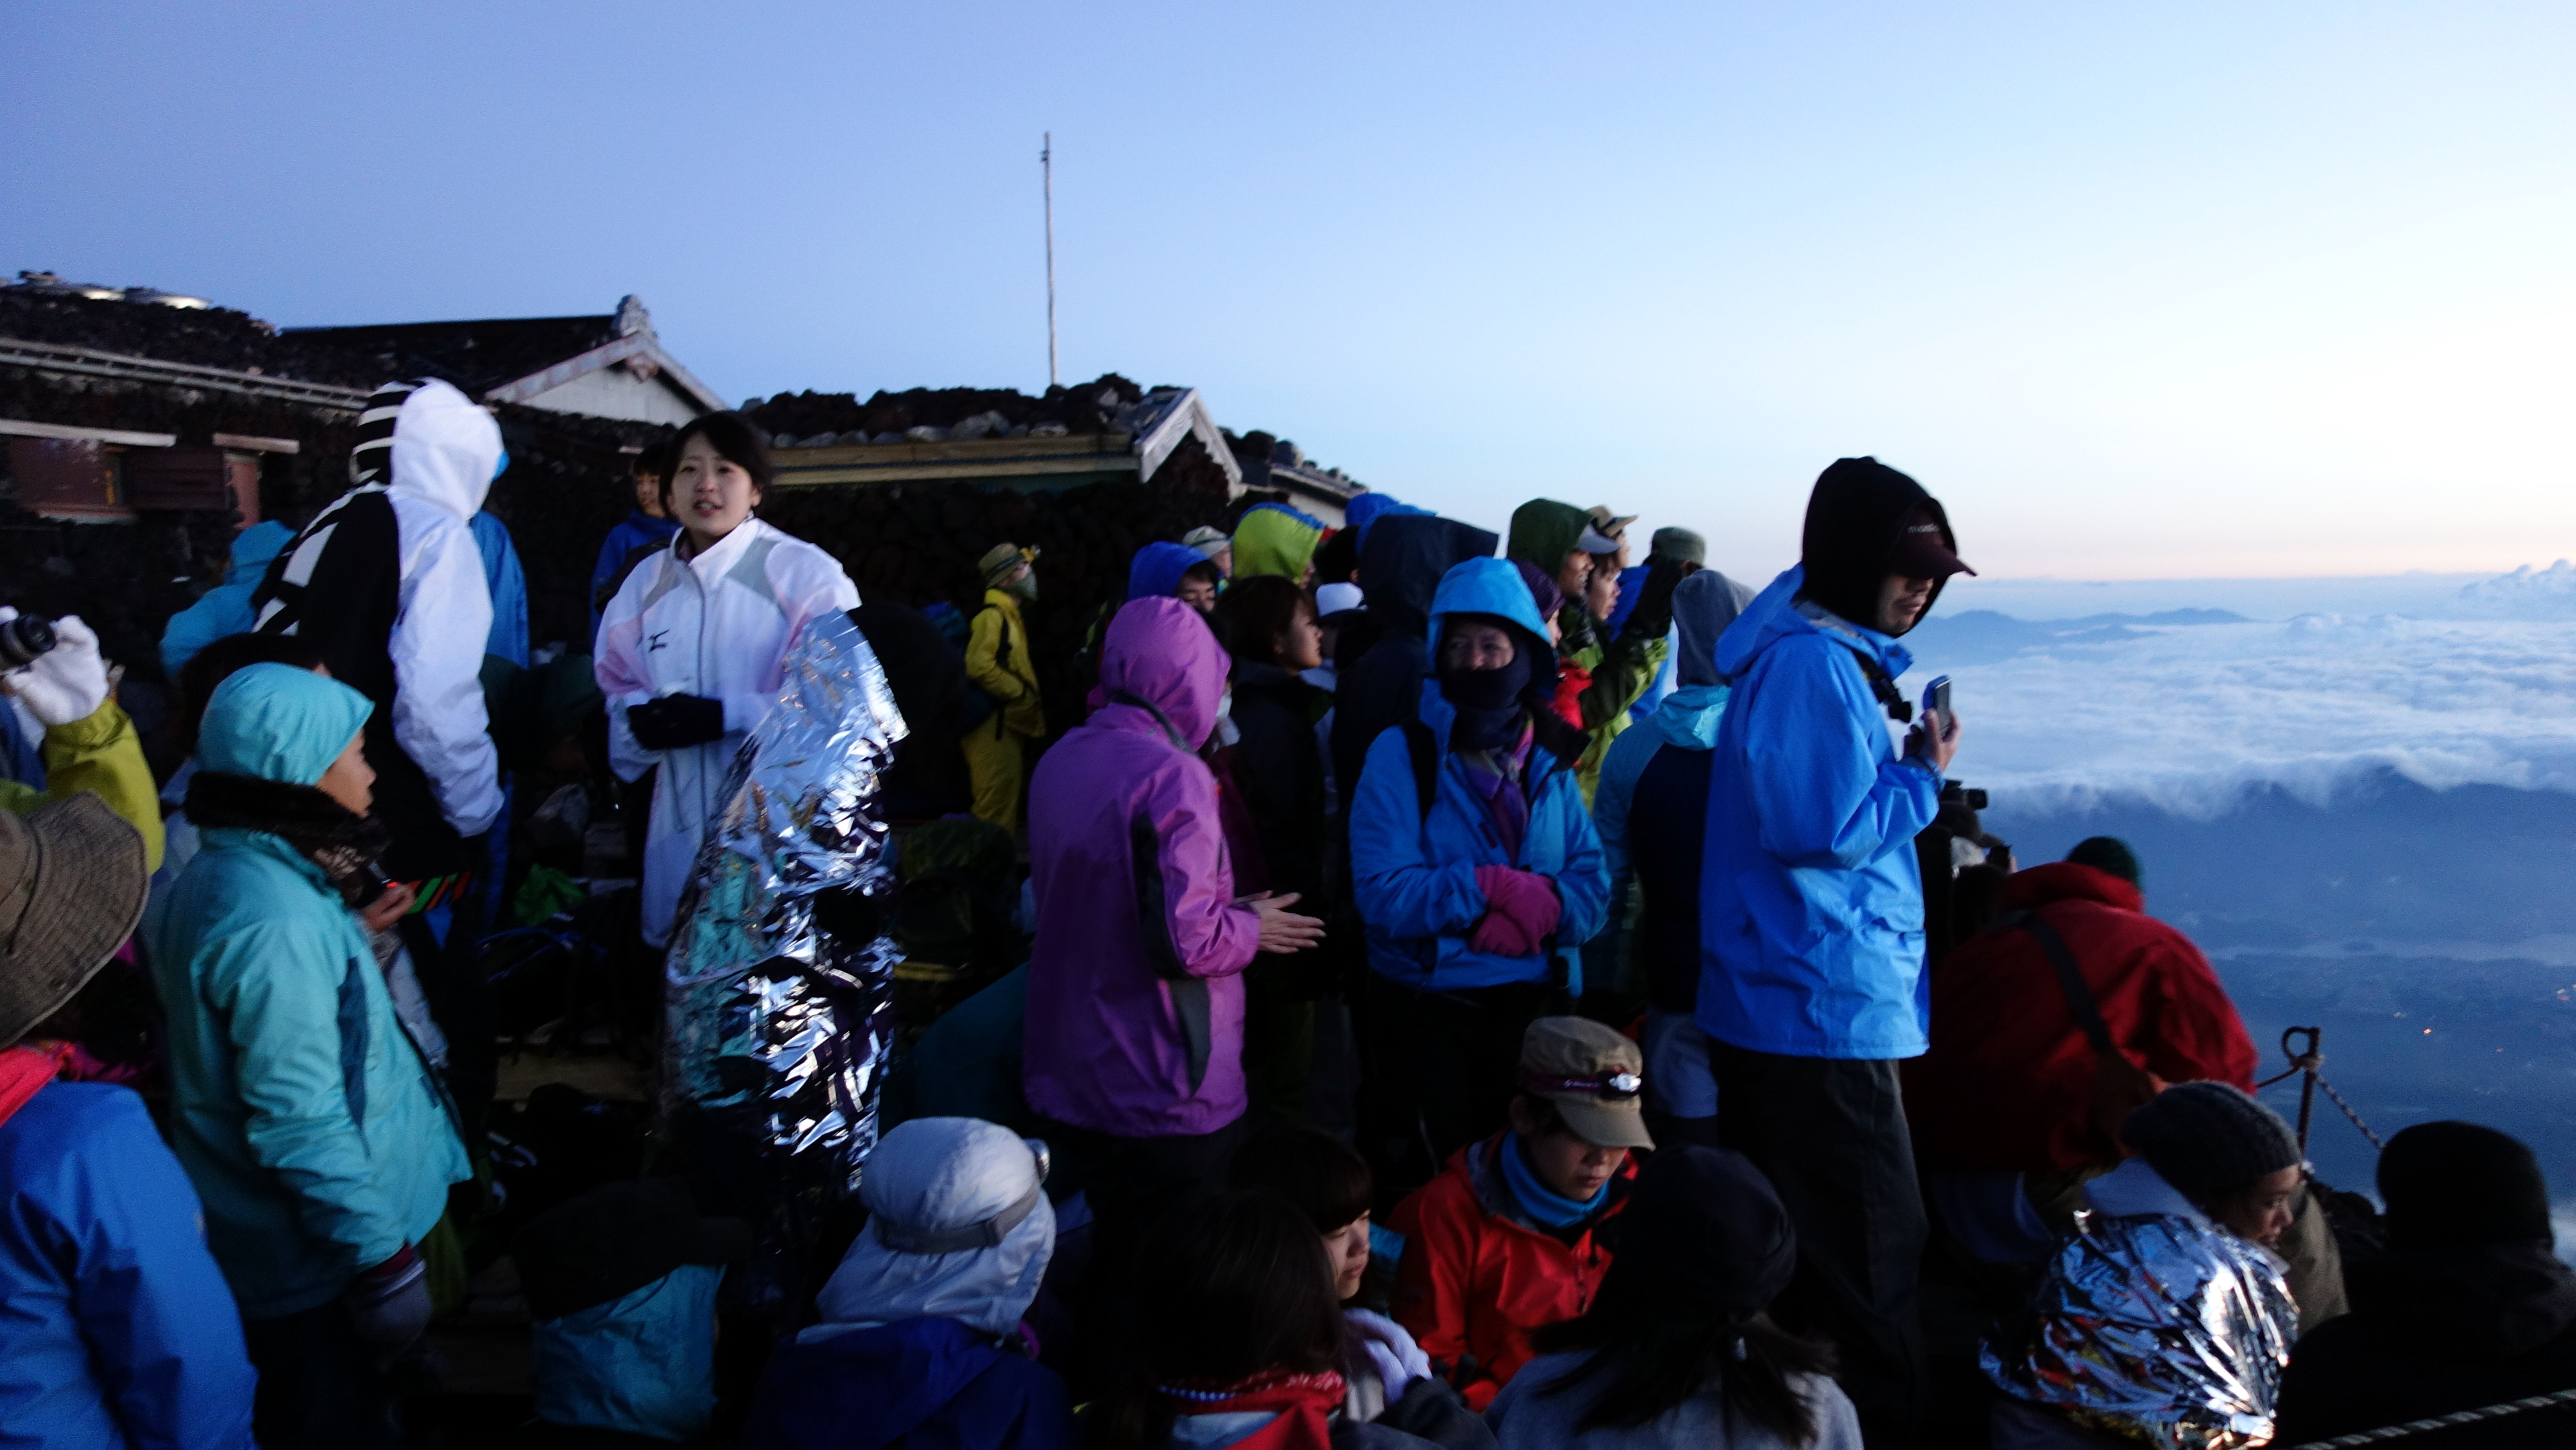 20140806 215455 fujisan waiting climbers